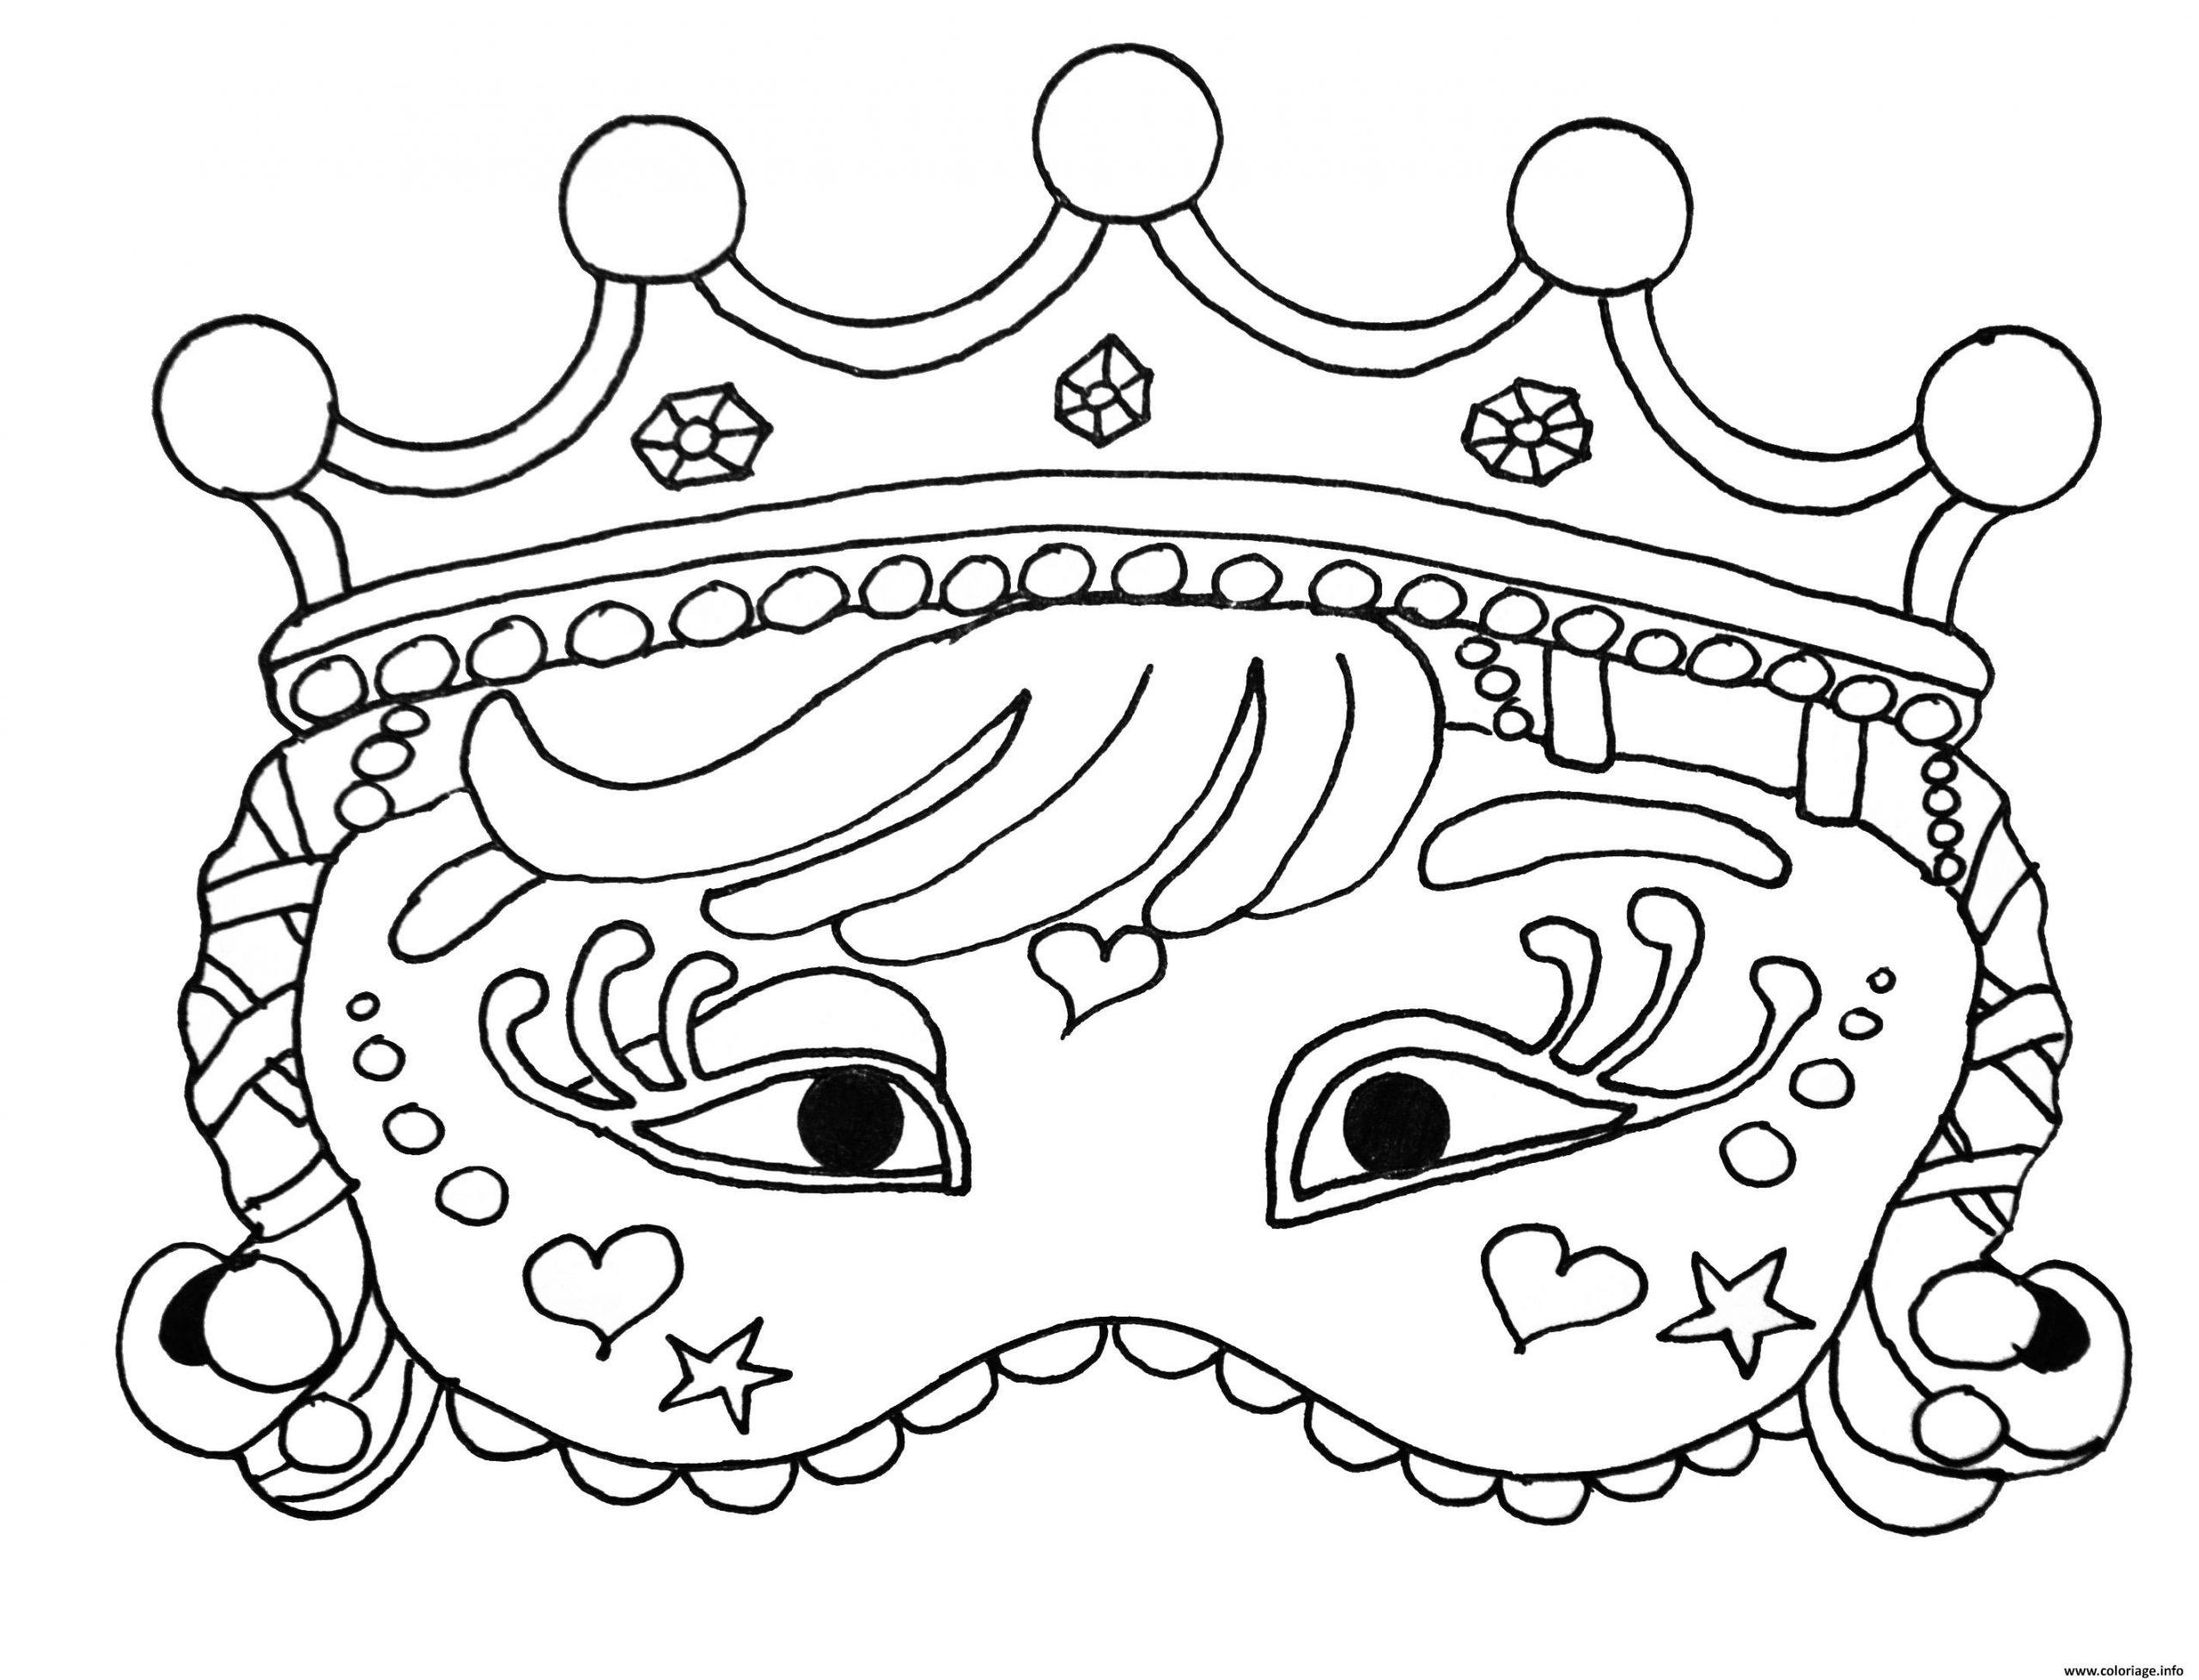 Coloriage Princesse Masque Carnaval Dessin encequiconcerne Coloriage De Carnaval A Imprimer Gratuit